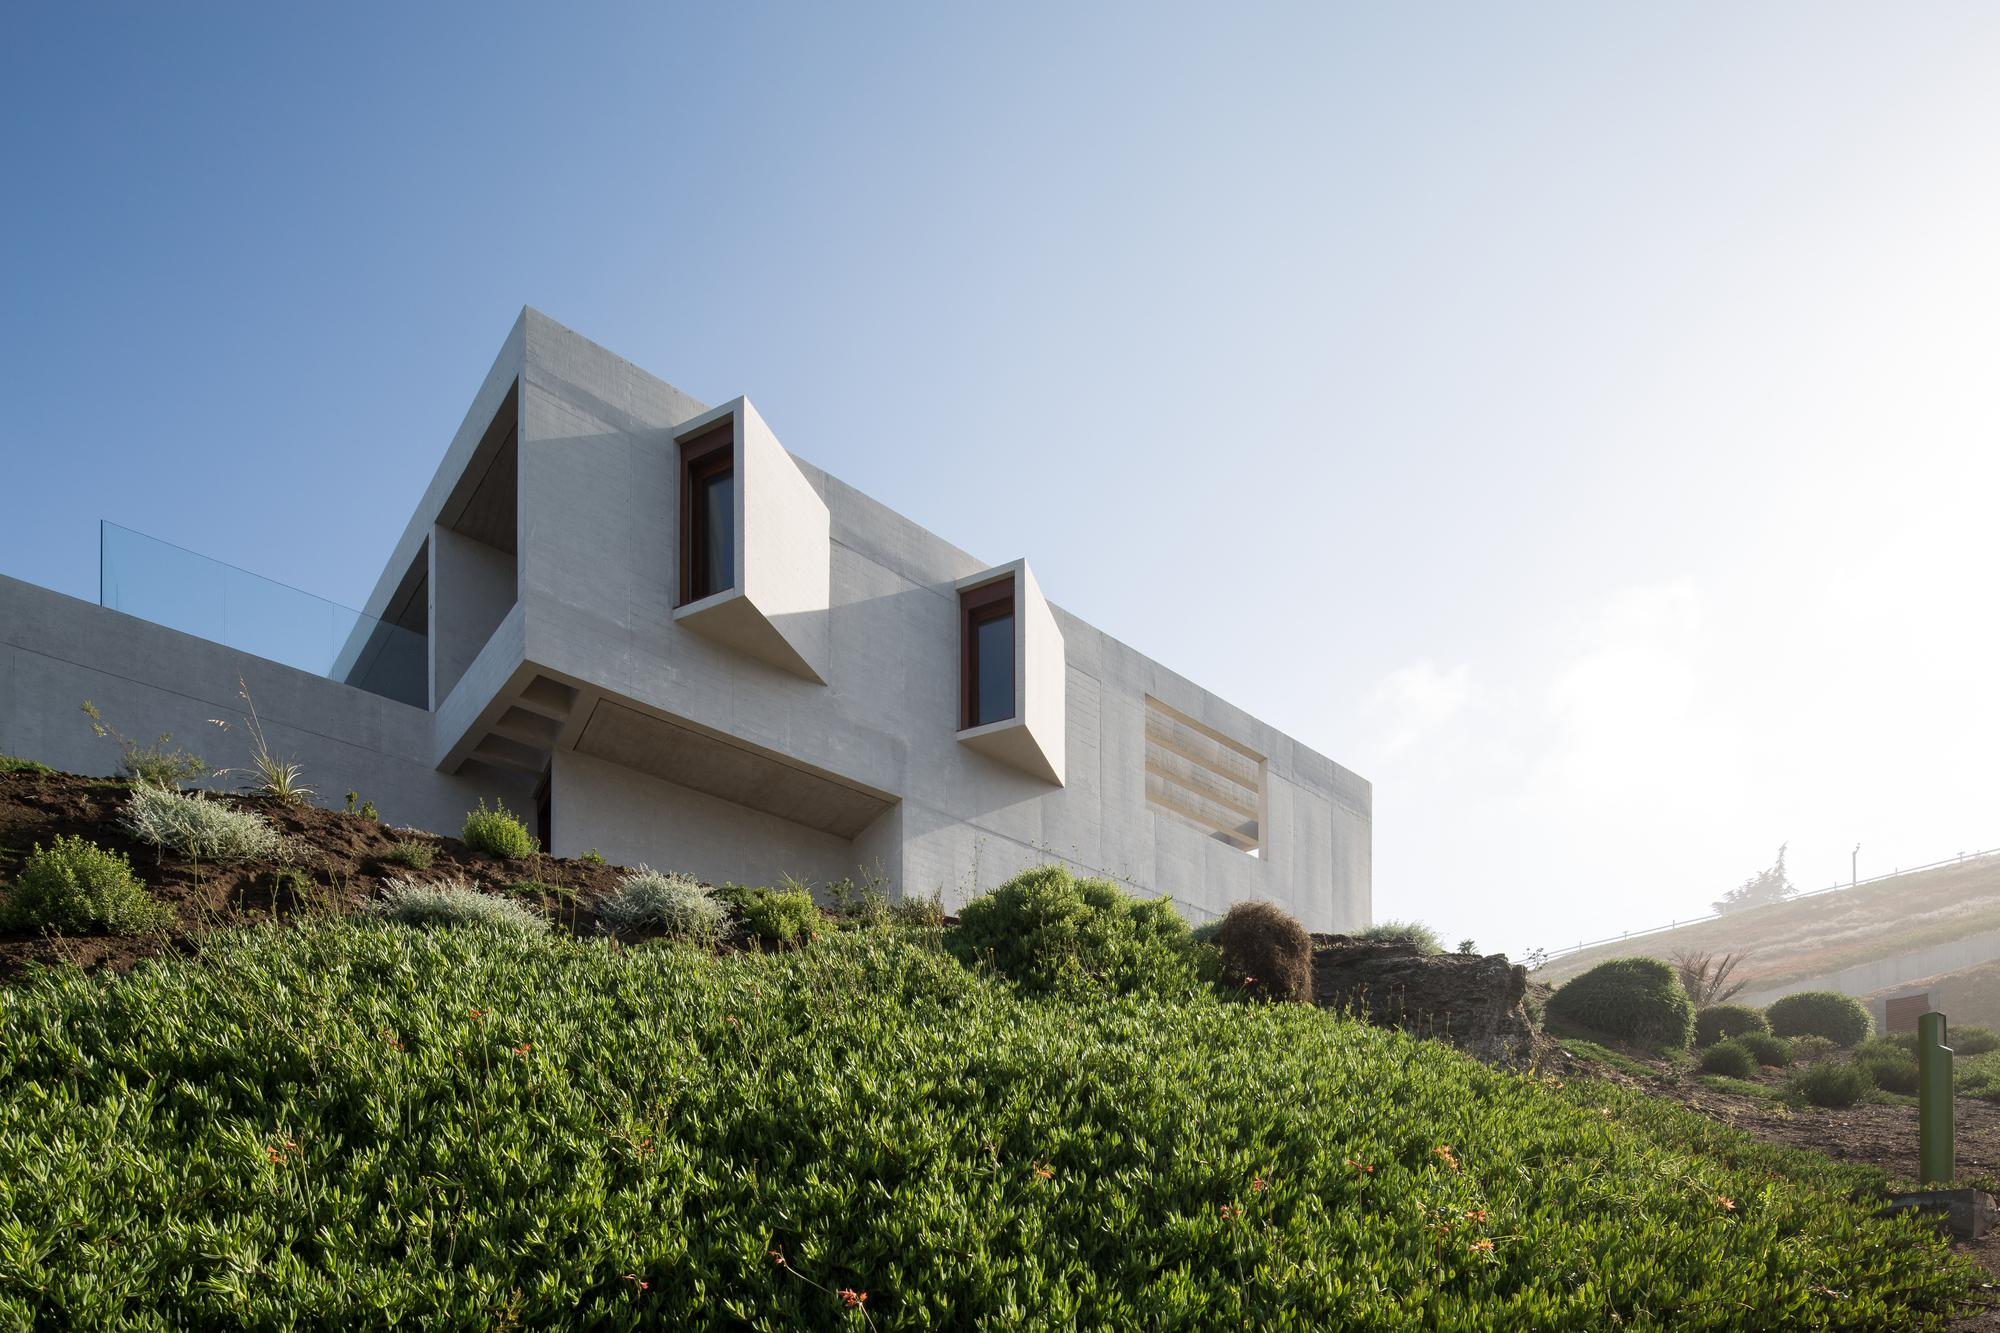 Casatru / Gonzalo Mardones V Arquitectos